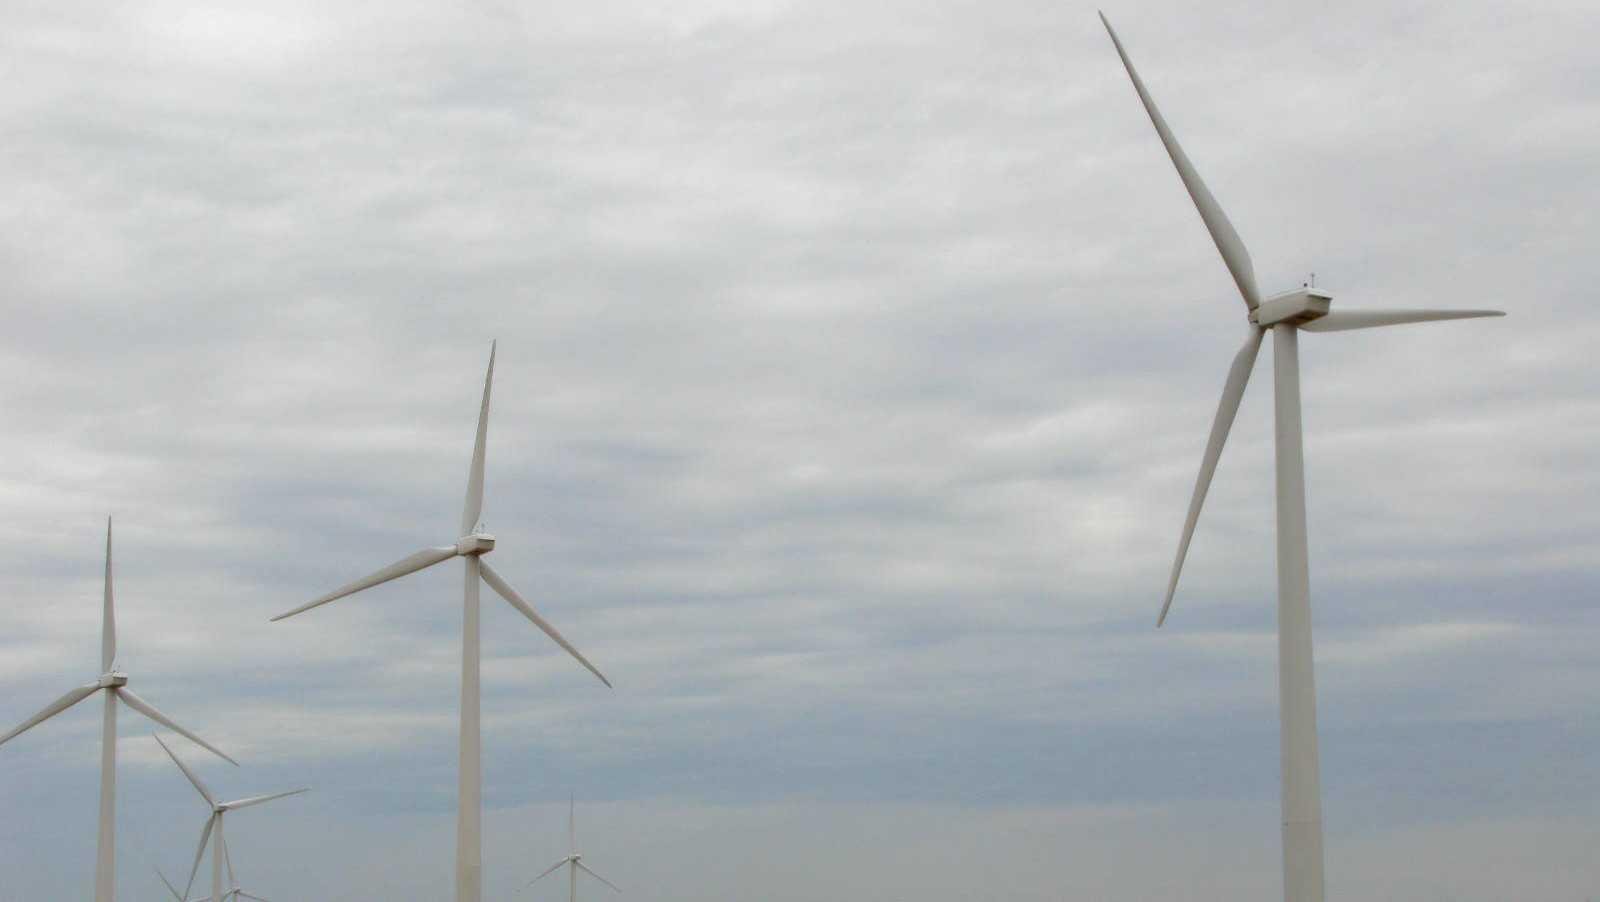 Windmills along I-40 in Oklahoma